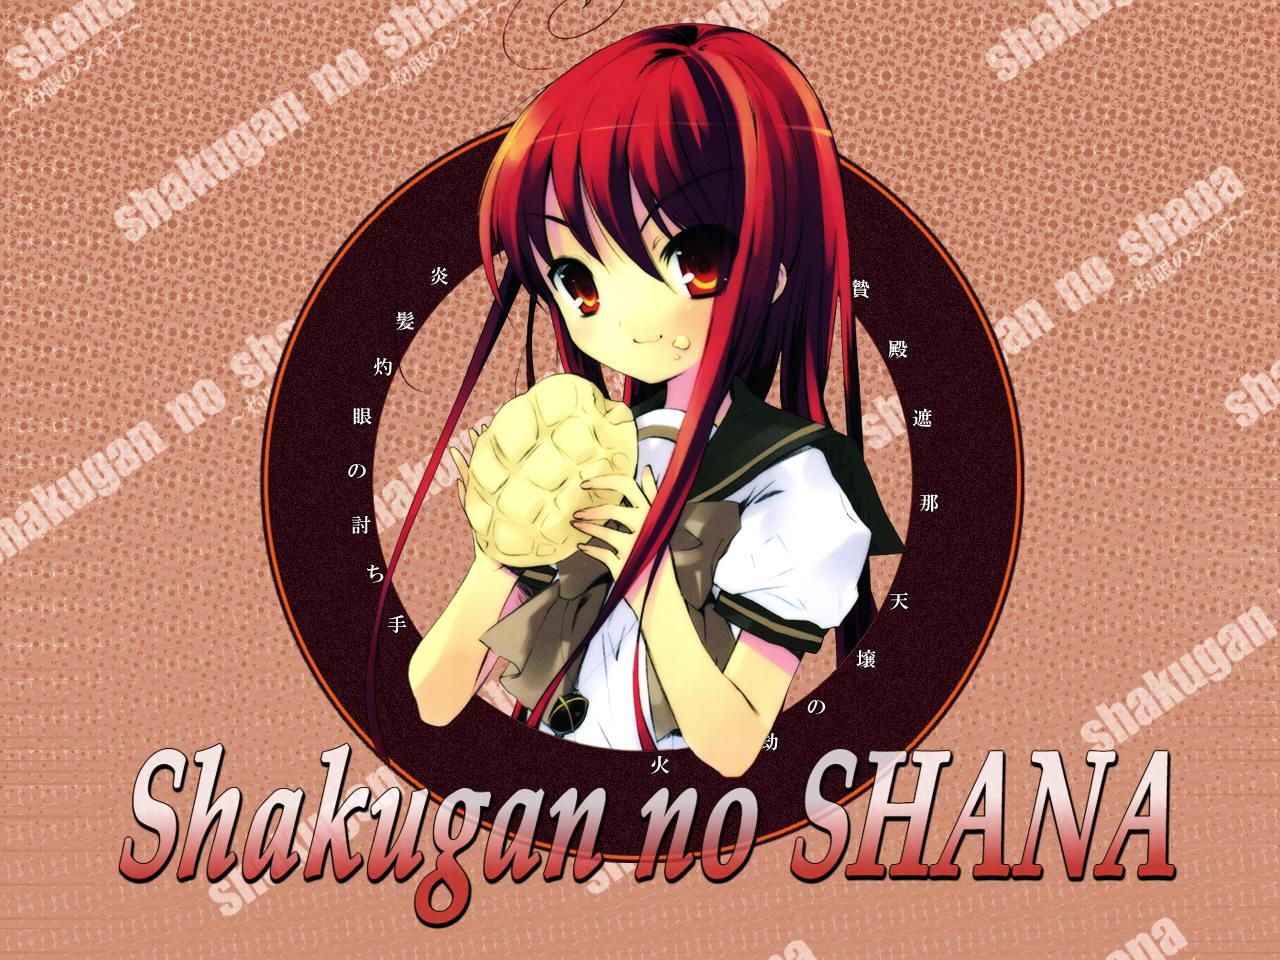 Shakugan_no_Shana225.jpg